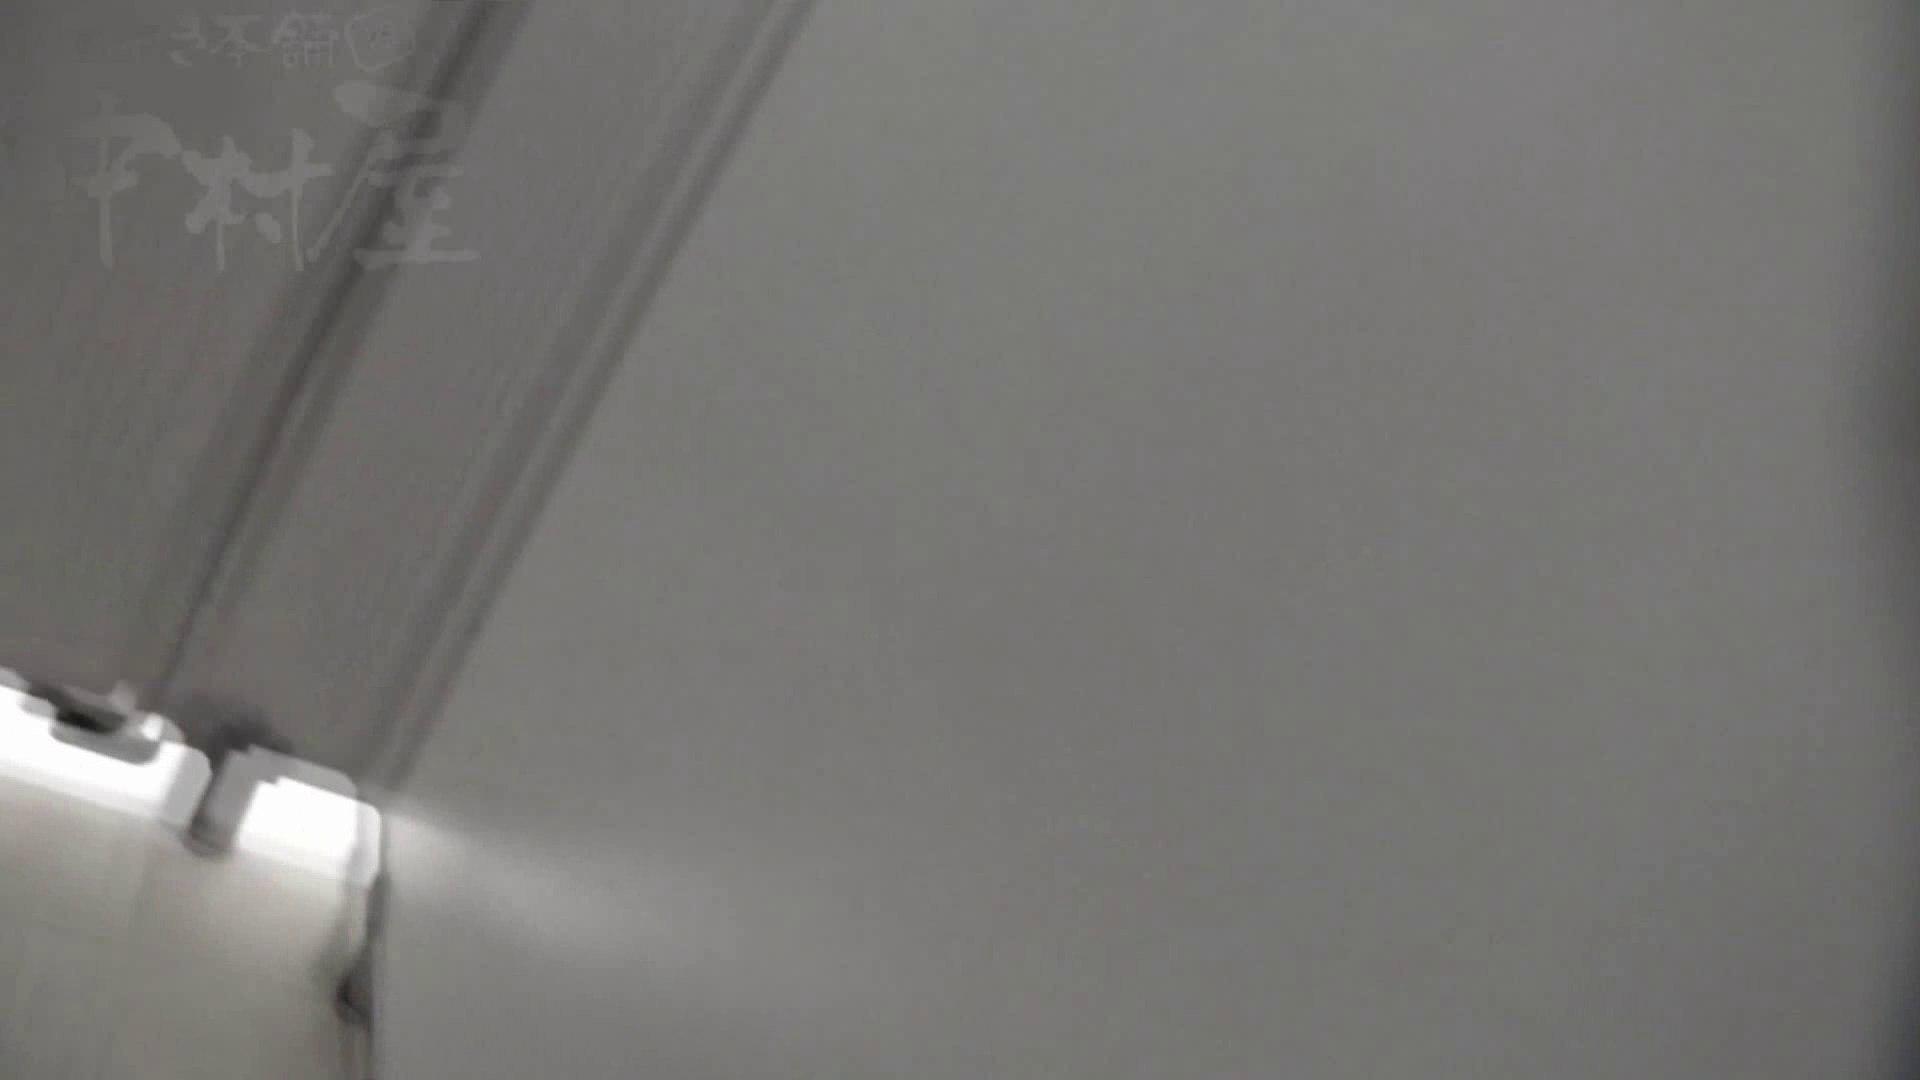 美しい日本の未来 No.13 進歩2 更に鮮明に、からの天然パイパン撮れました。 股間 セックス画像 94PIX 53